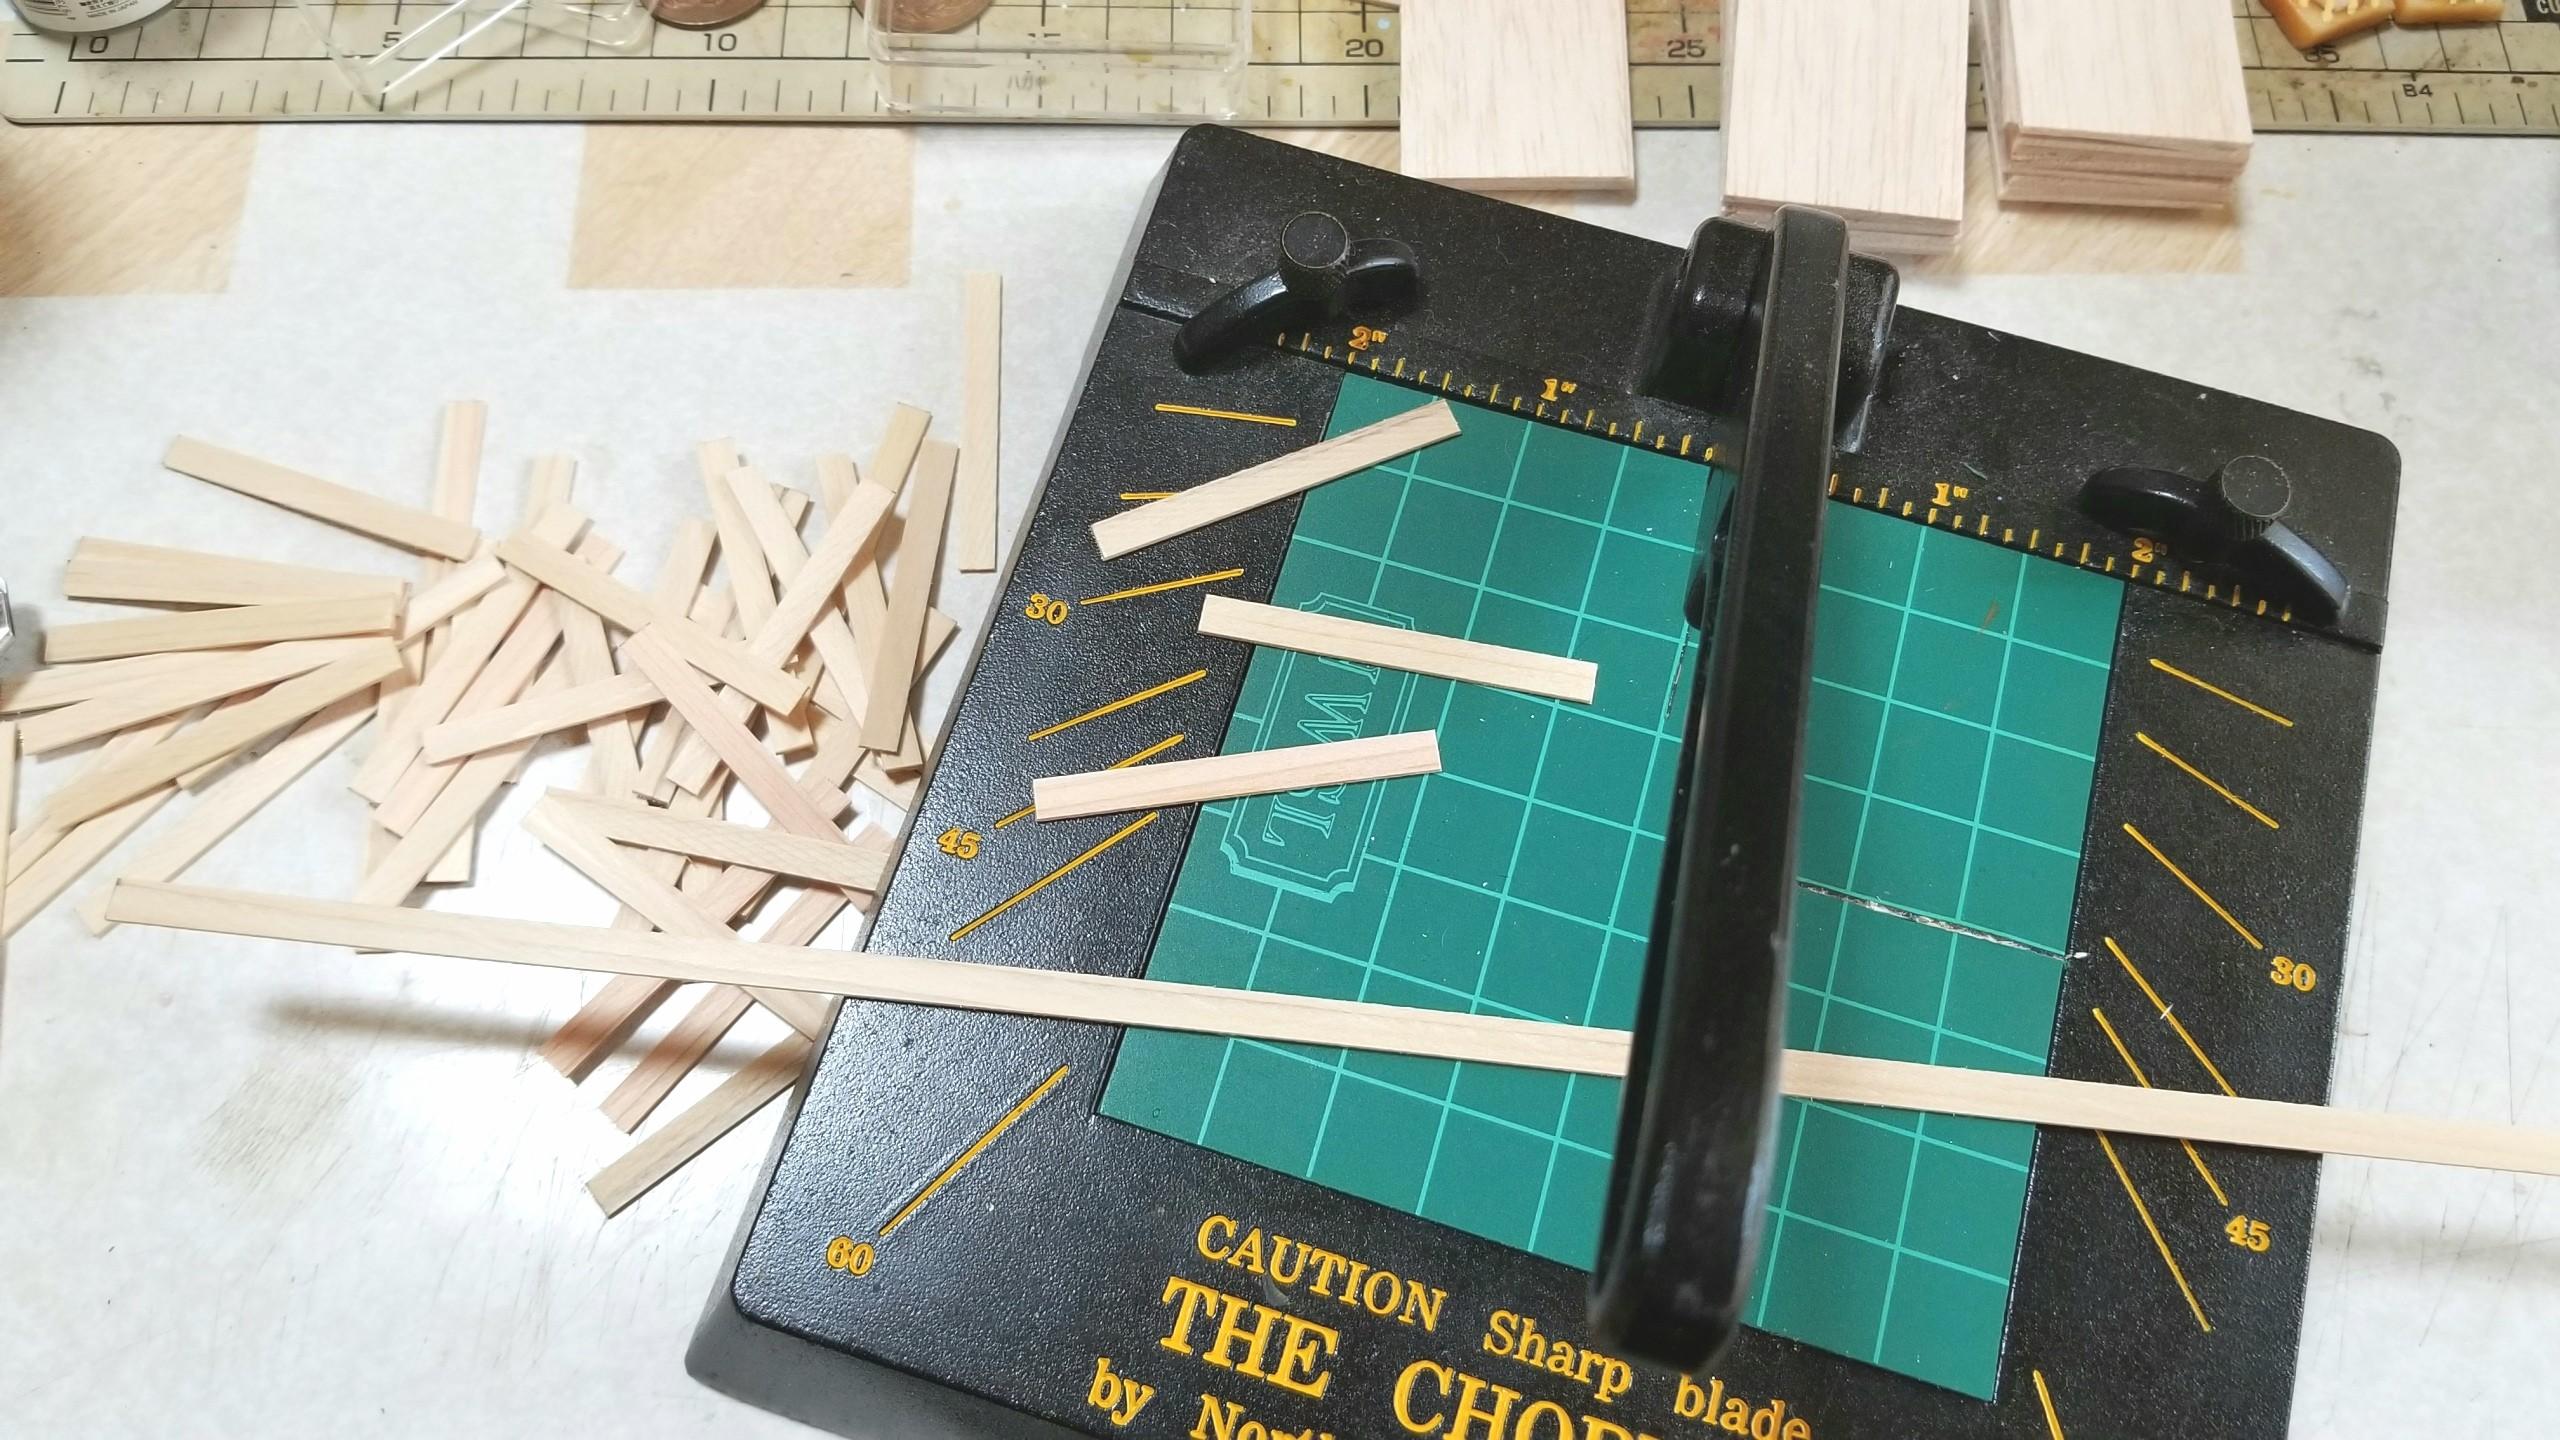 おぼん,作り方,ミニチュアフード,ひのき,桧,木工作業,チョッパー